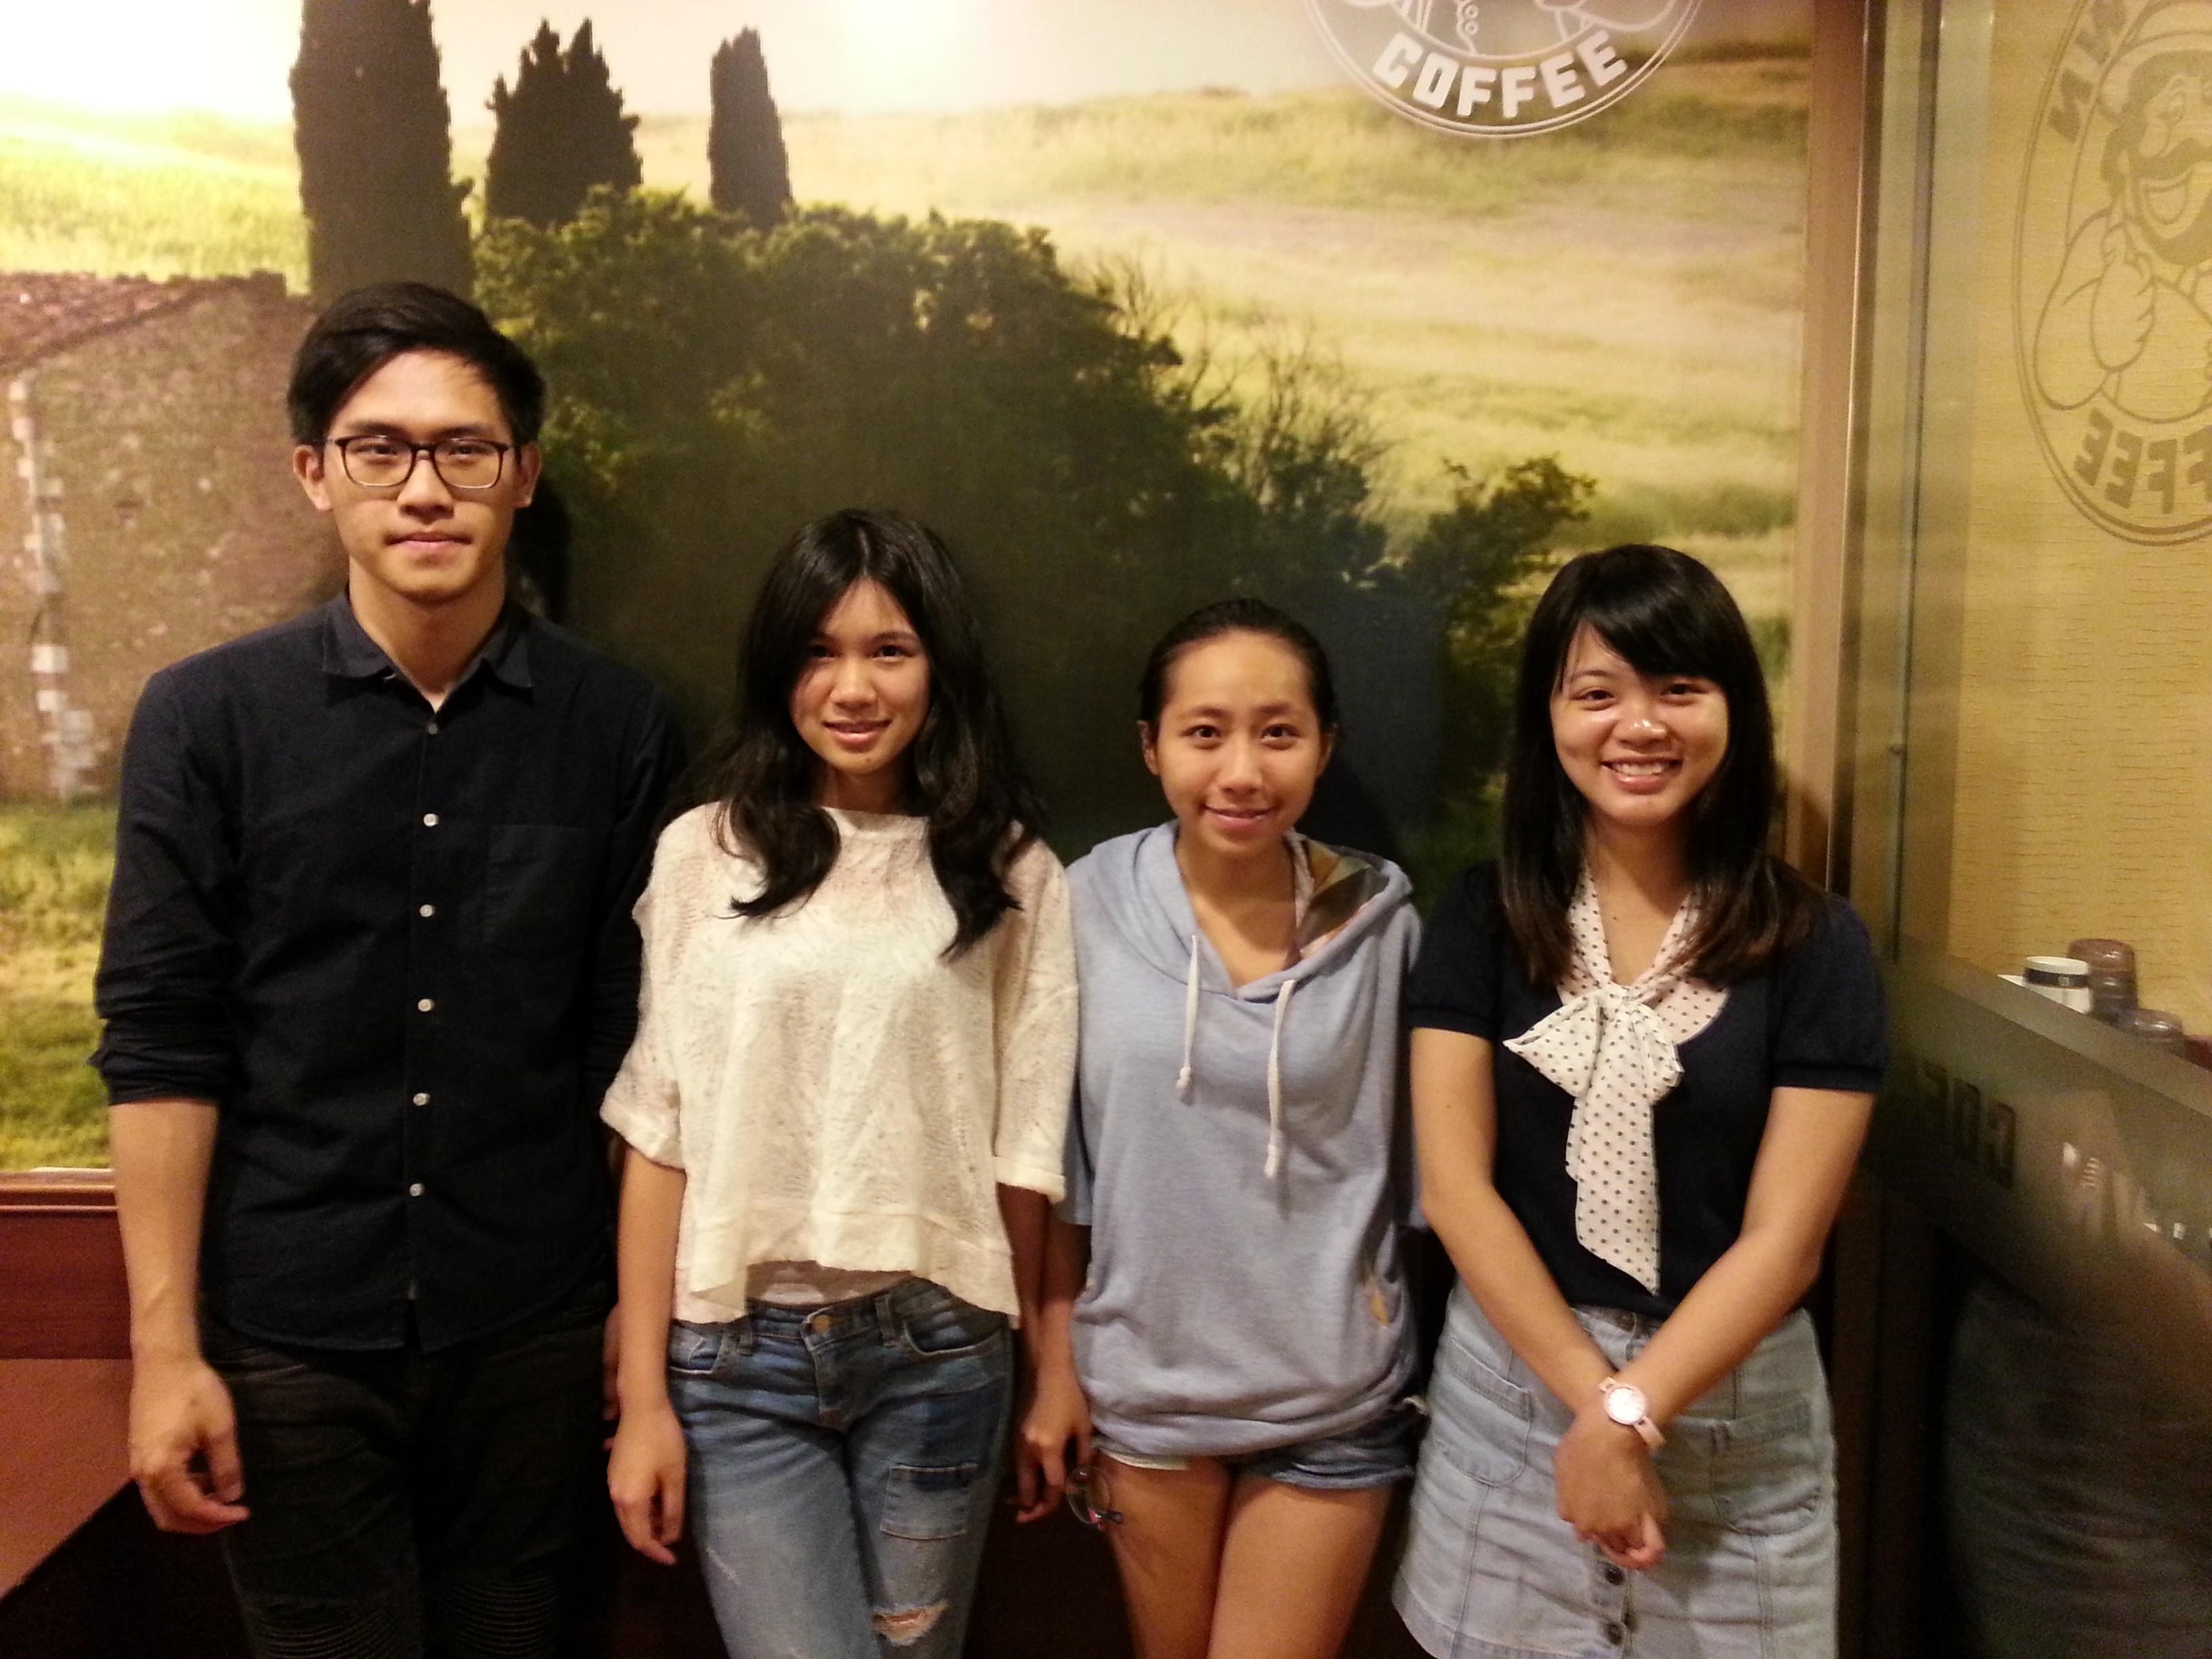 NPOst 專訪到創創團隊的四位成員詹耕輔、范詠晴、陳彥利、洪婉甄